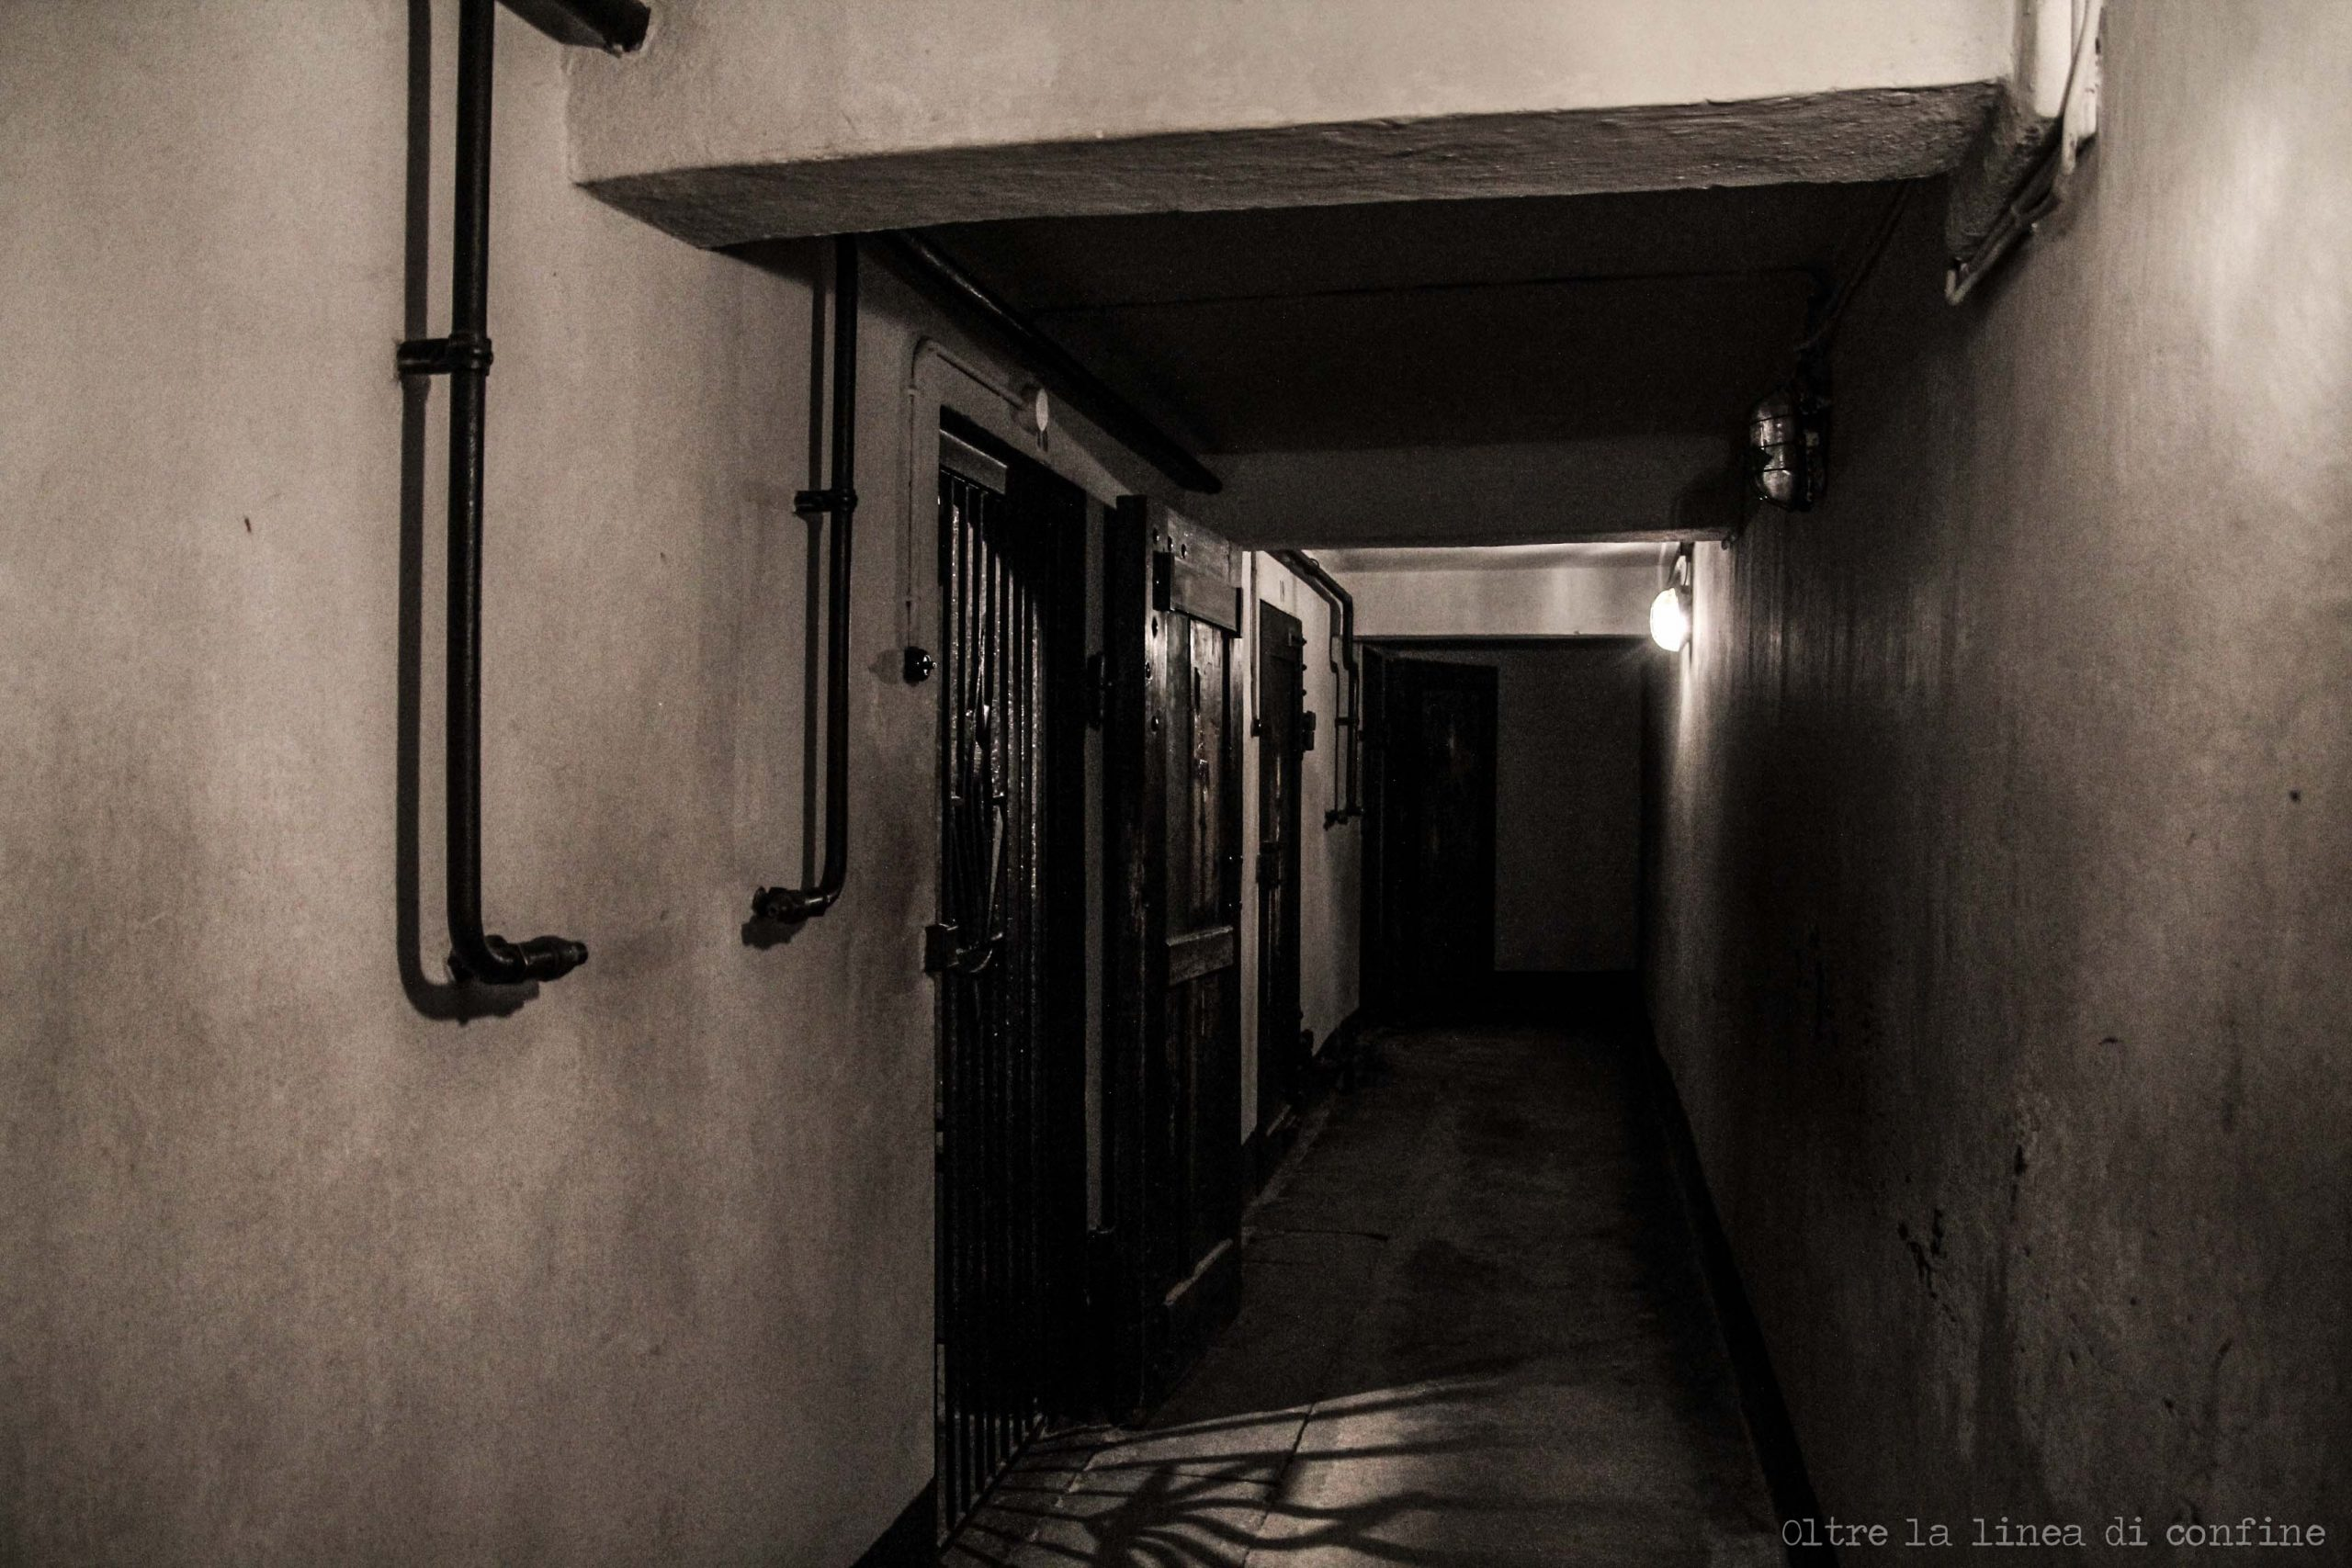 Auschwitz Block 11 - Auschwitz Blocco 11 - Blocco della Morte